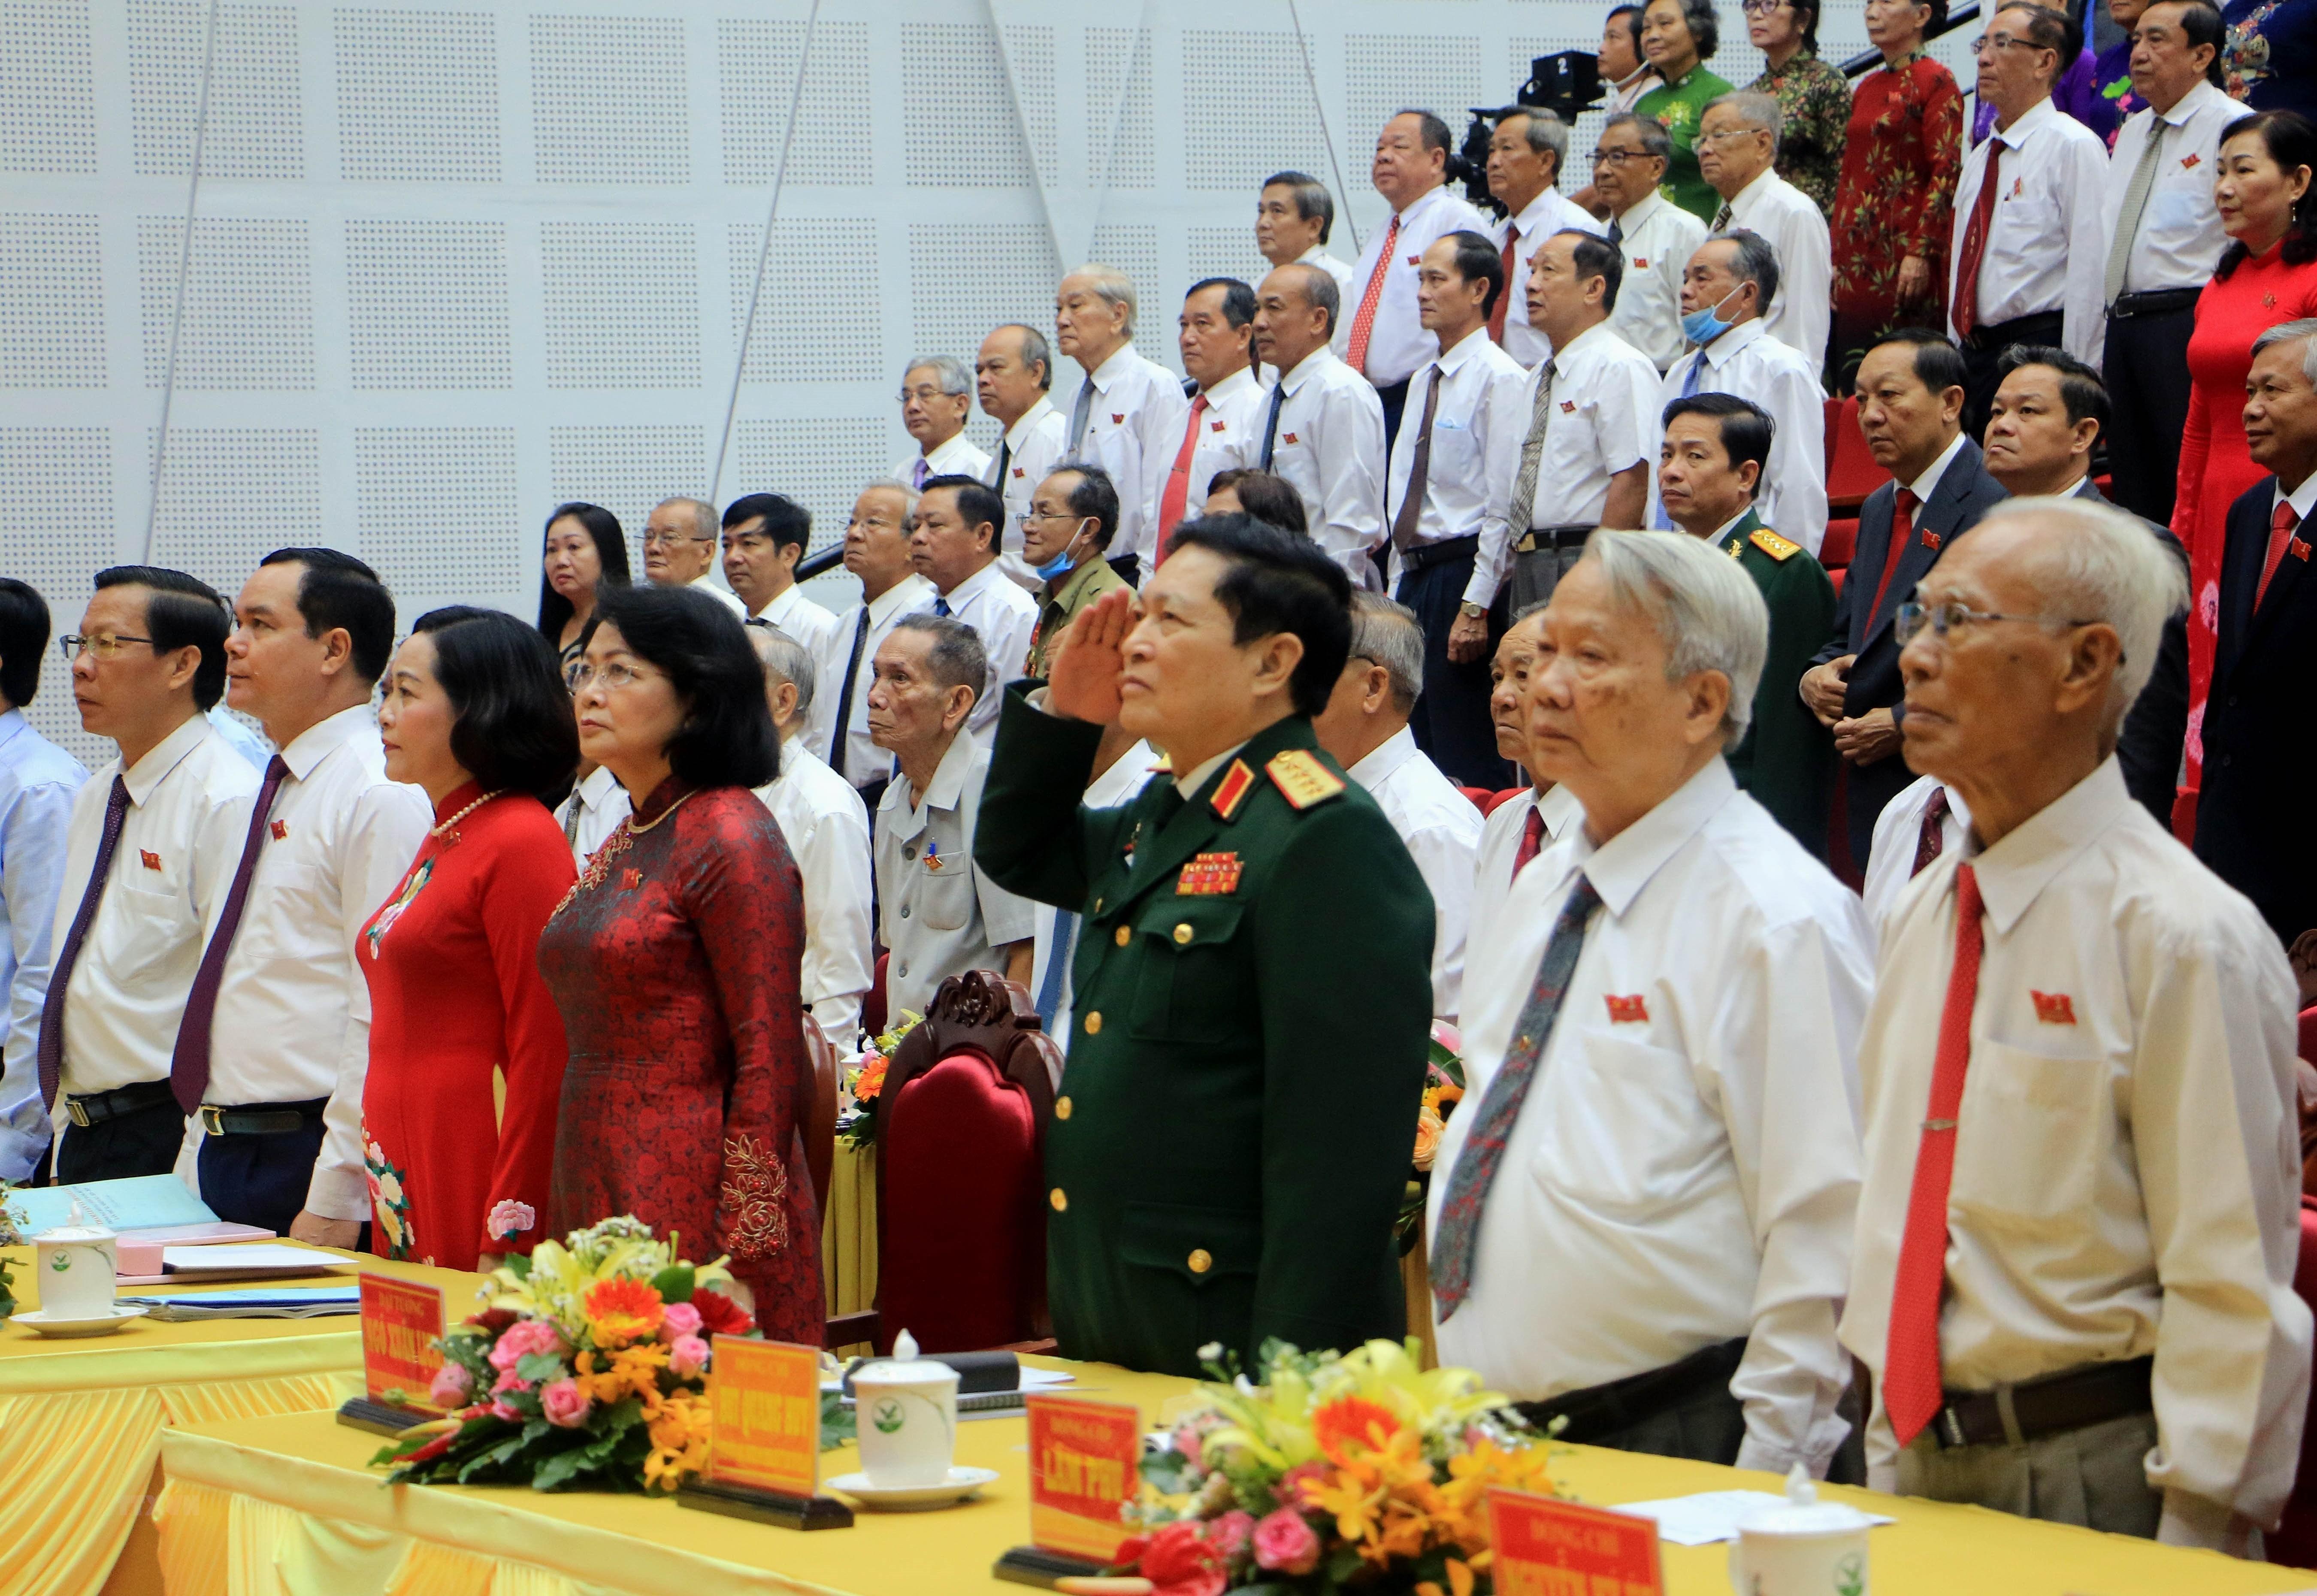 [Photo] Khai mac Dai hoi Dang bo tinh Vinh Long nhiem ky 2020-2025 hinh anh 6